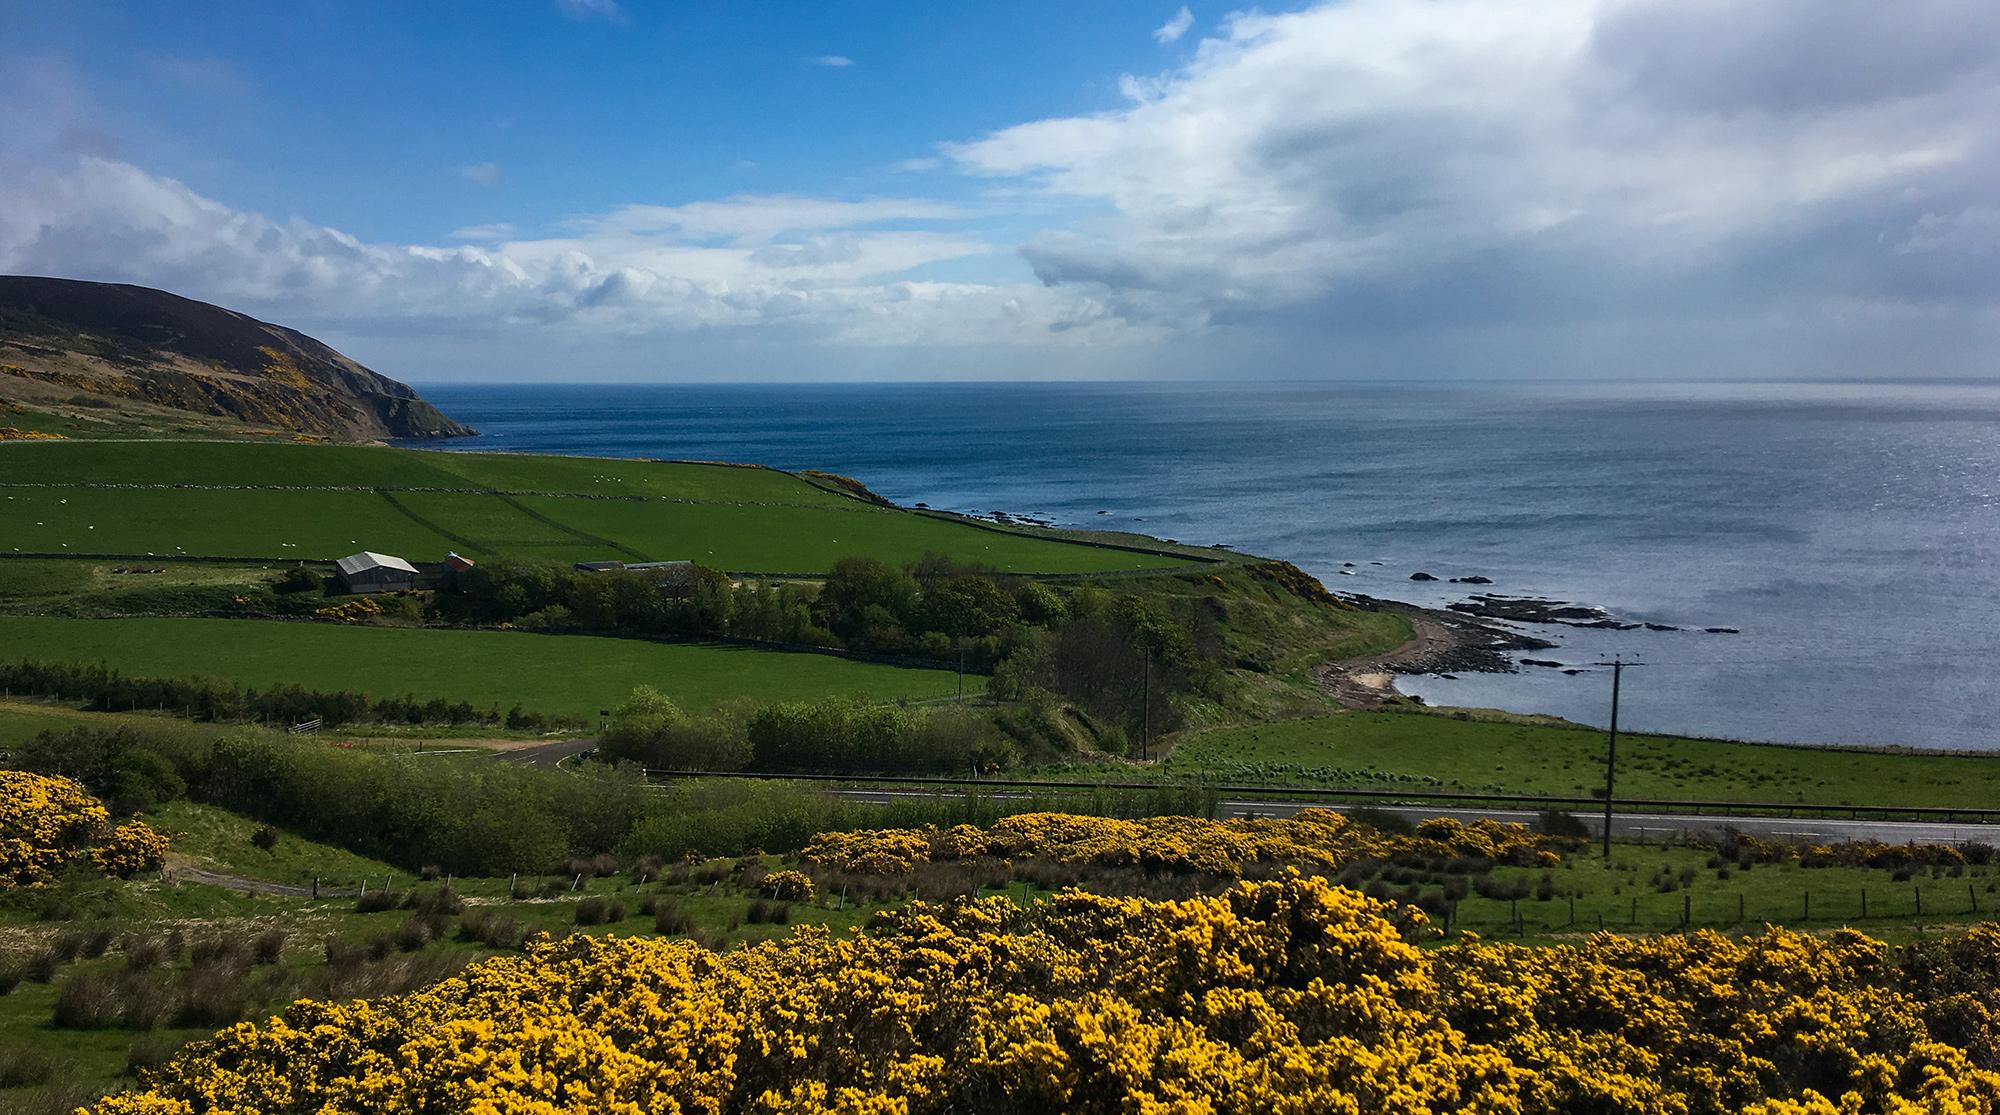 Wandertag Panorama mit Küste und Wiesenlandschaft